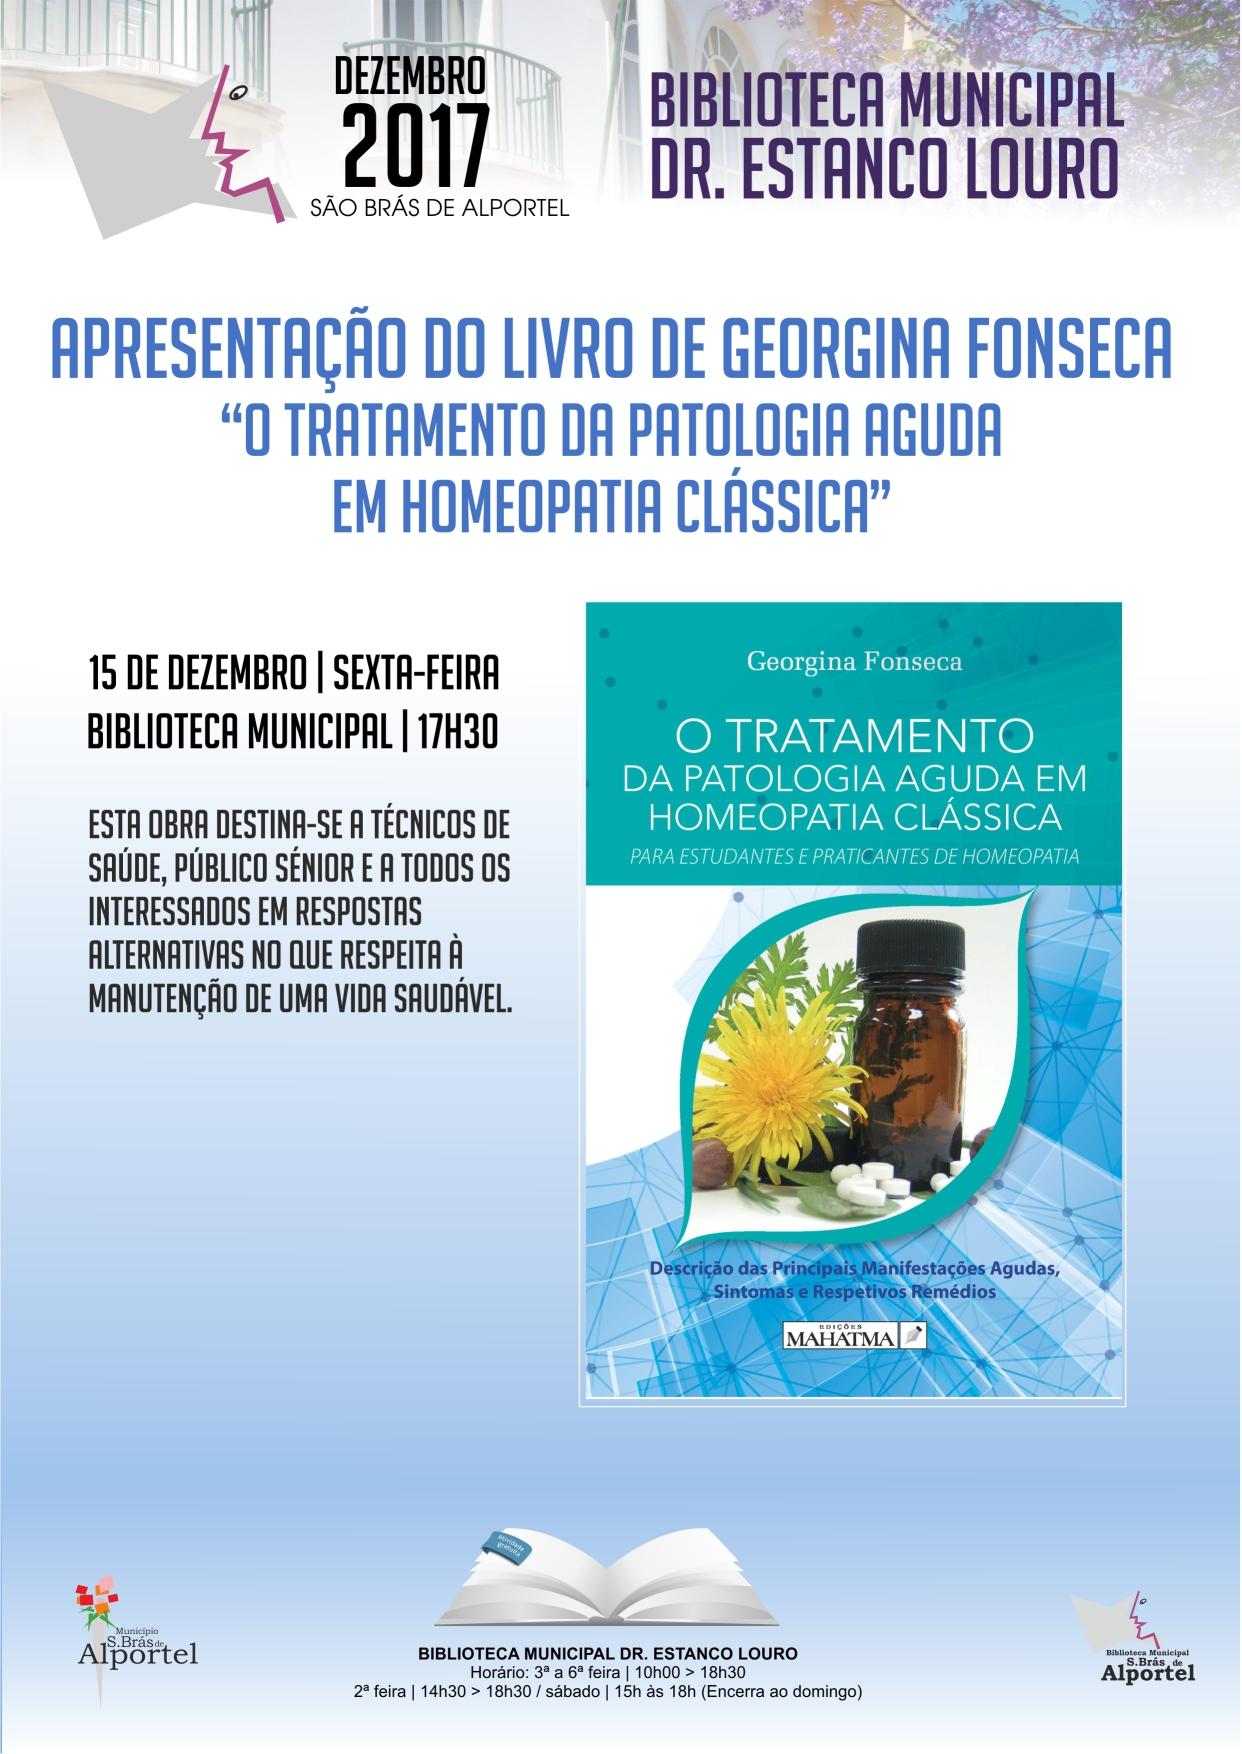 cartaz de apresentação do livro de Georgina Fonseca